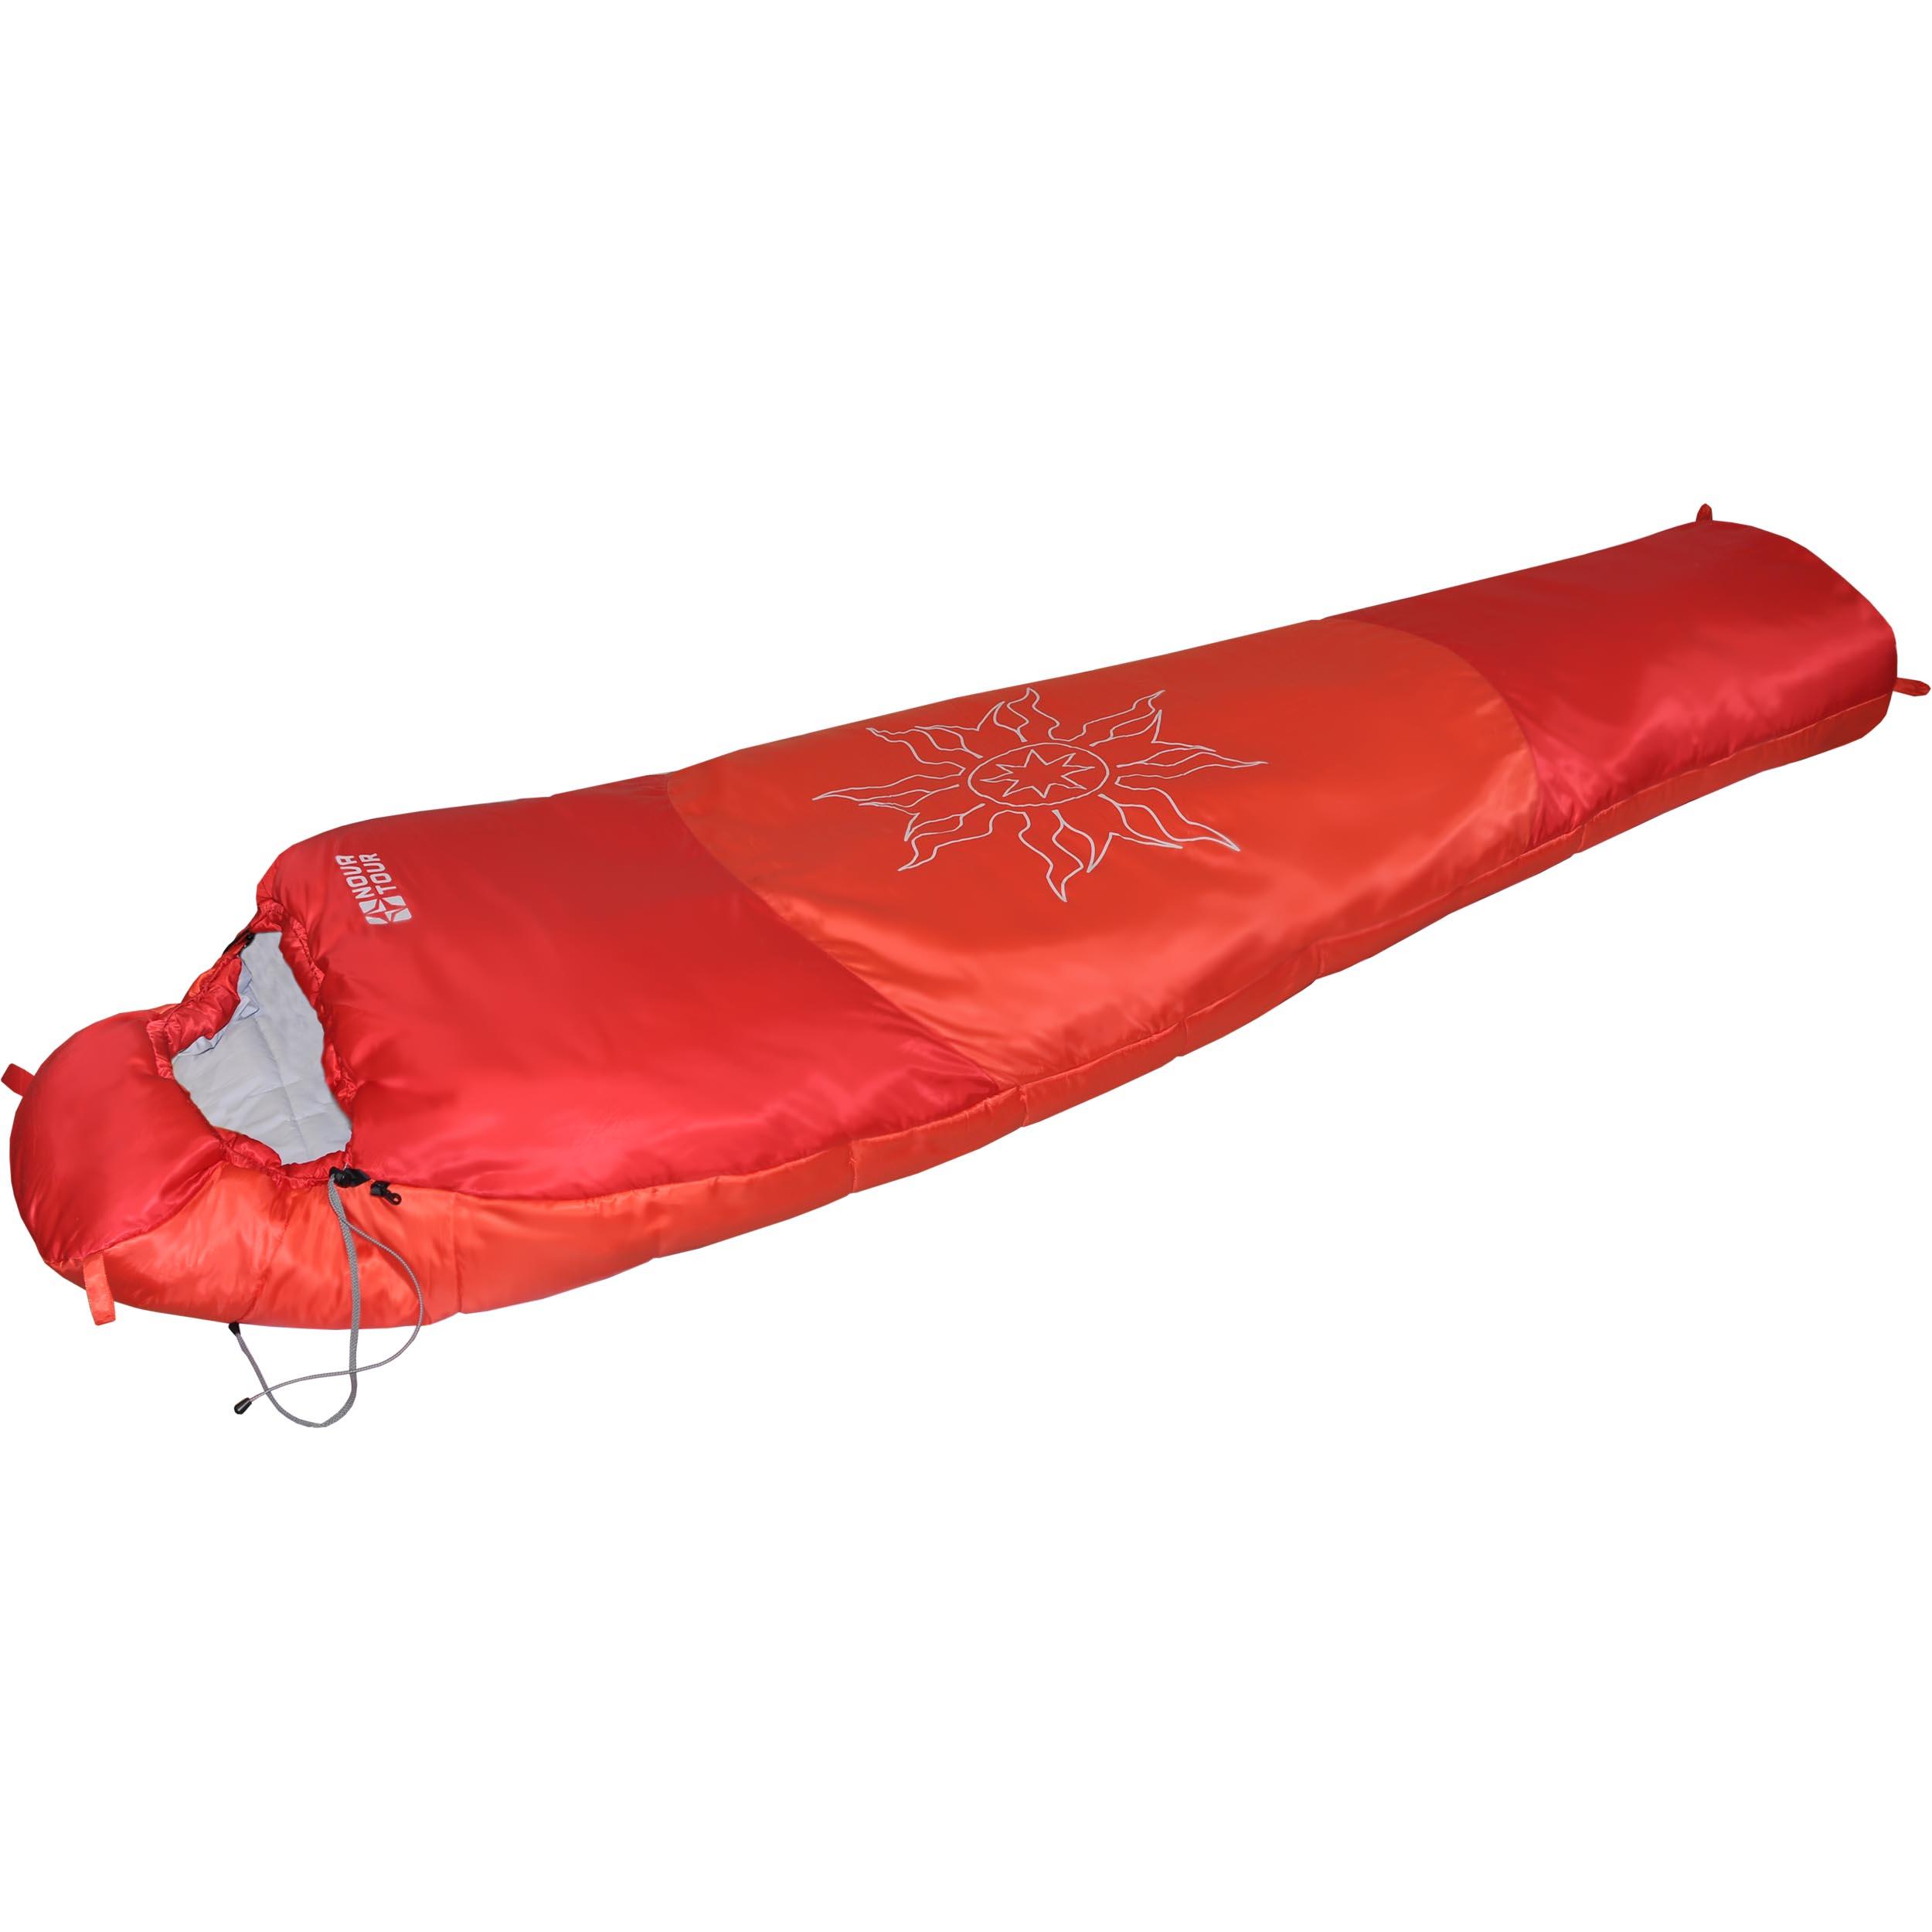 Спальный мешок Nova Tour Ямал -30 XL V2, цвет: красный, левосторонняя молния95420-001-LeftЗимний спальный мешок Nova Tour Ямал -30 XL V2 имеет конструкцию кокон. Он предназначен для использования при очень низких температурах. Утягивающийся капюшон и шейный воротник сохраняют тепло. Двухзамковая молния позволяет состегнуть два спальных мешка левого и правого исполнения в один двойной. Компрессионный мешок в комплекте. Длина мешка: 230 см.